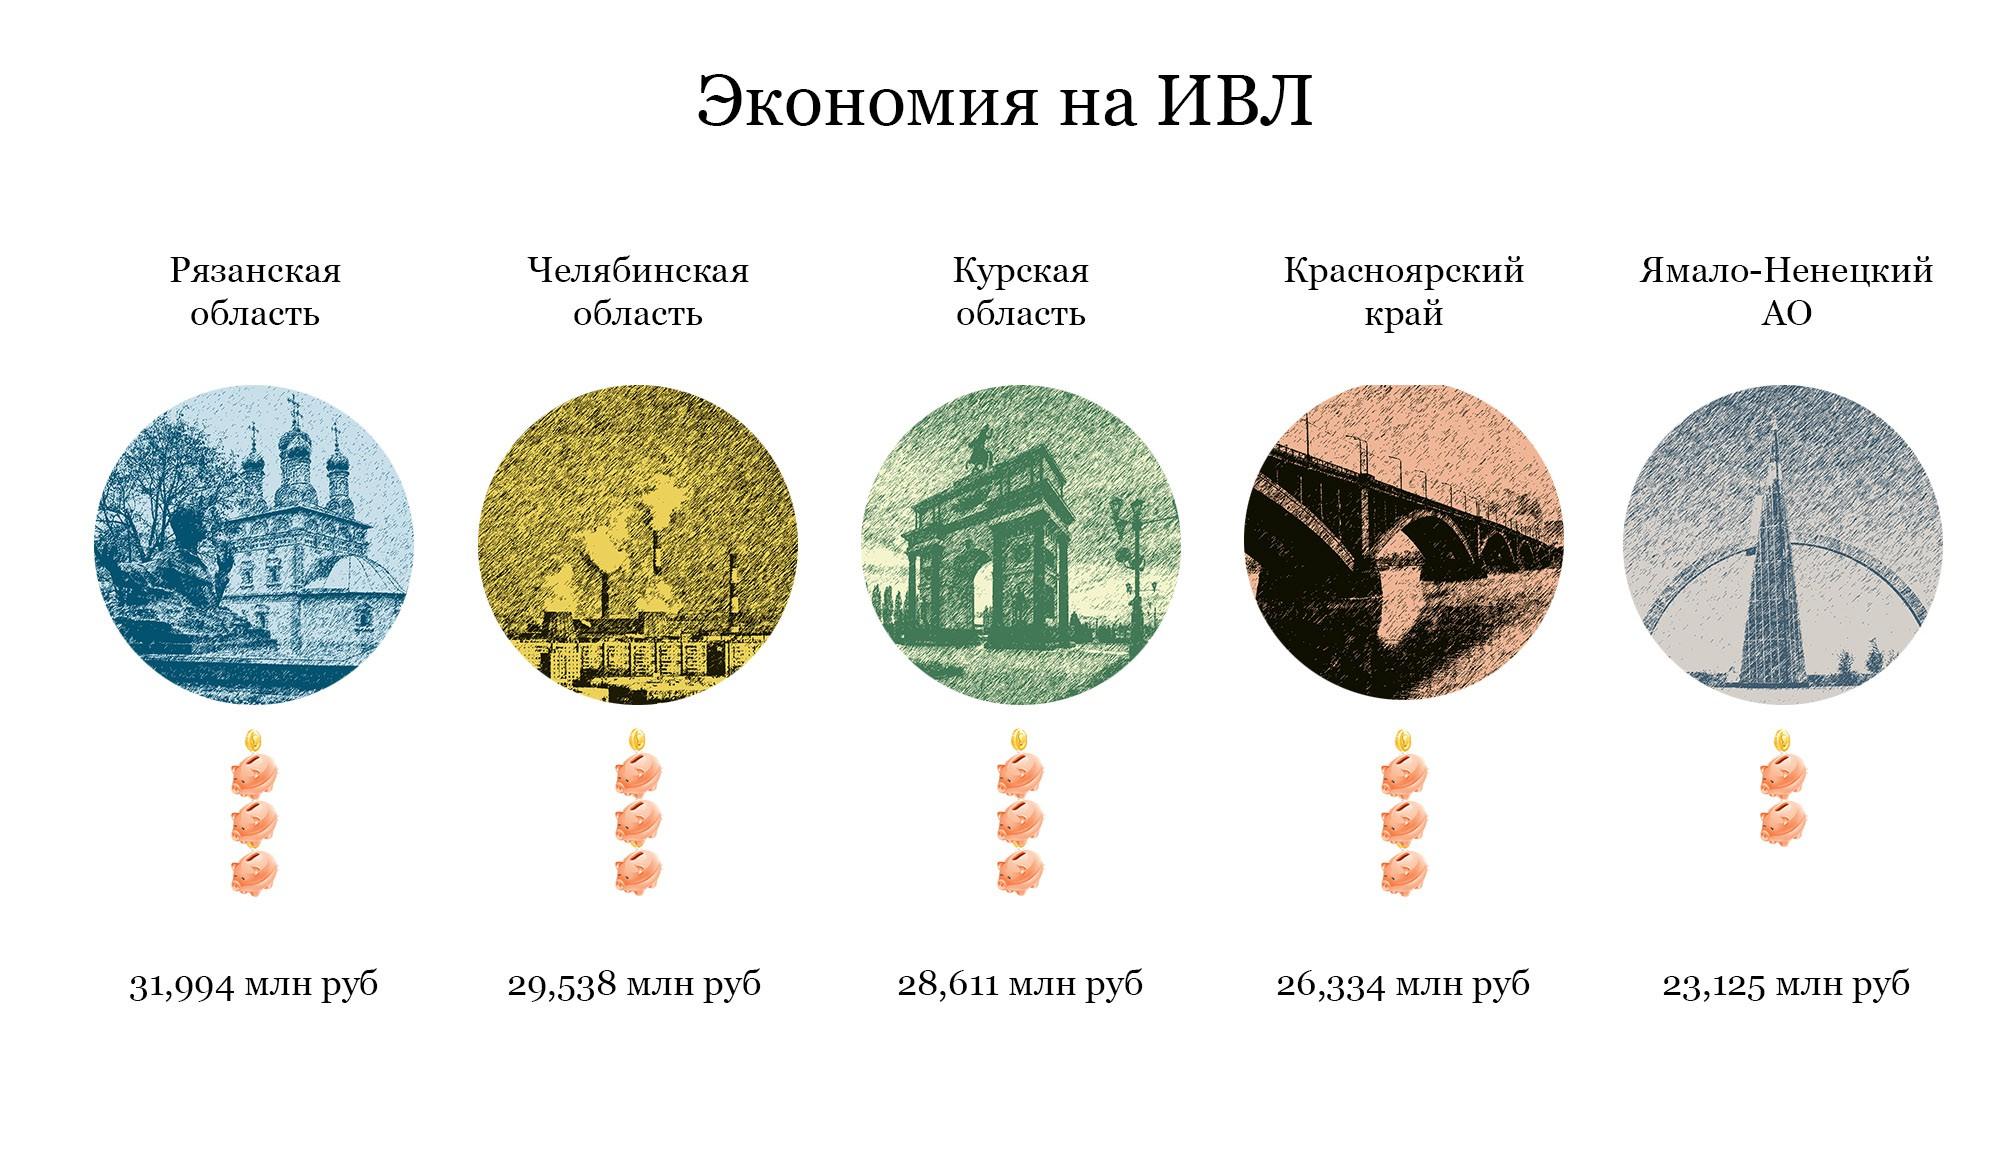 Инфографика: © Илья Юшков